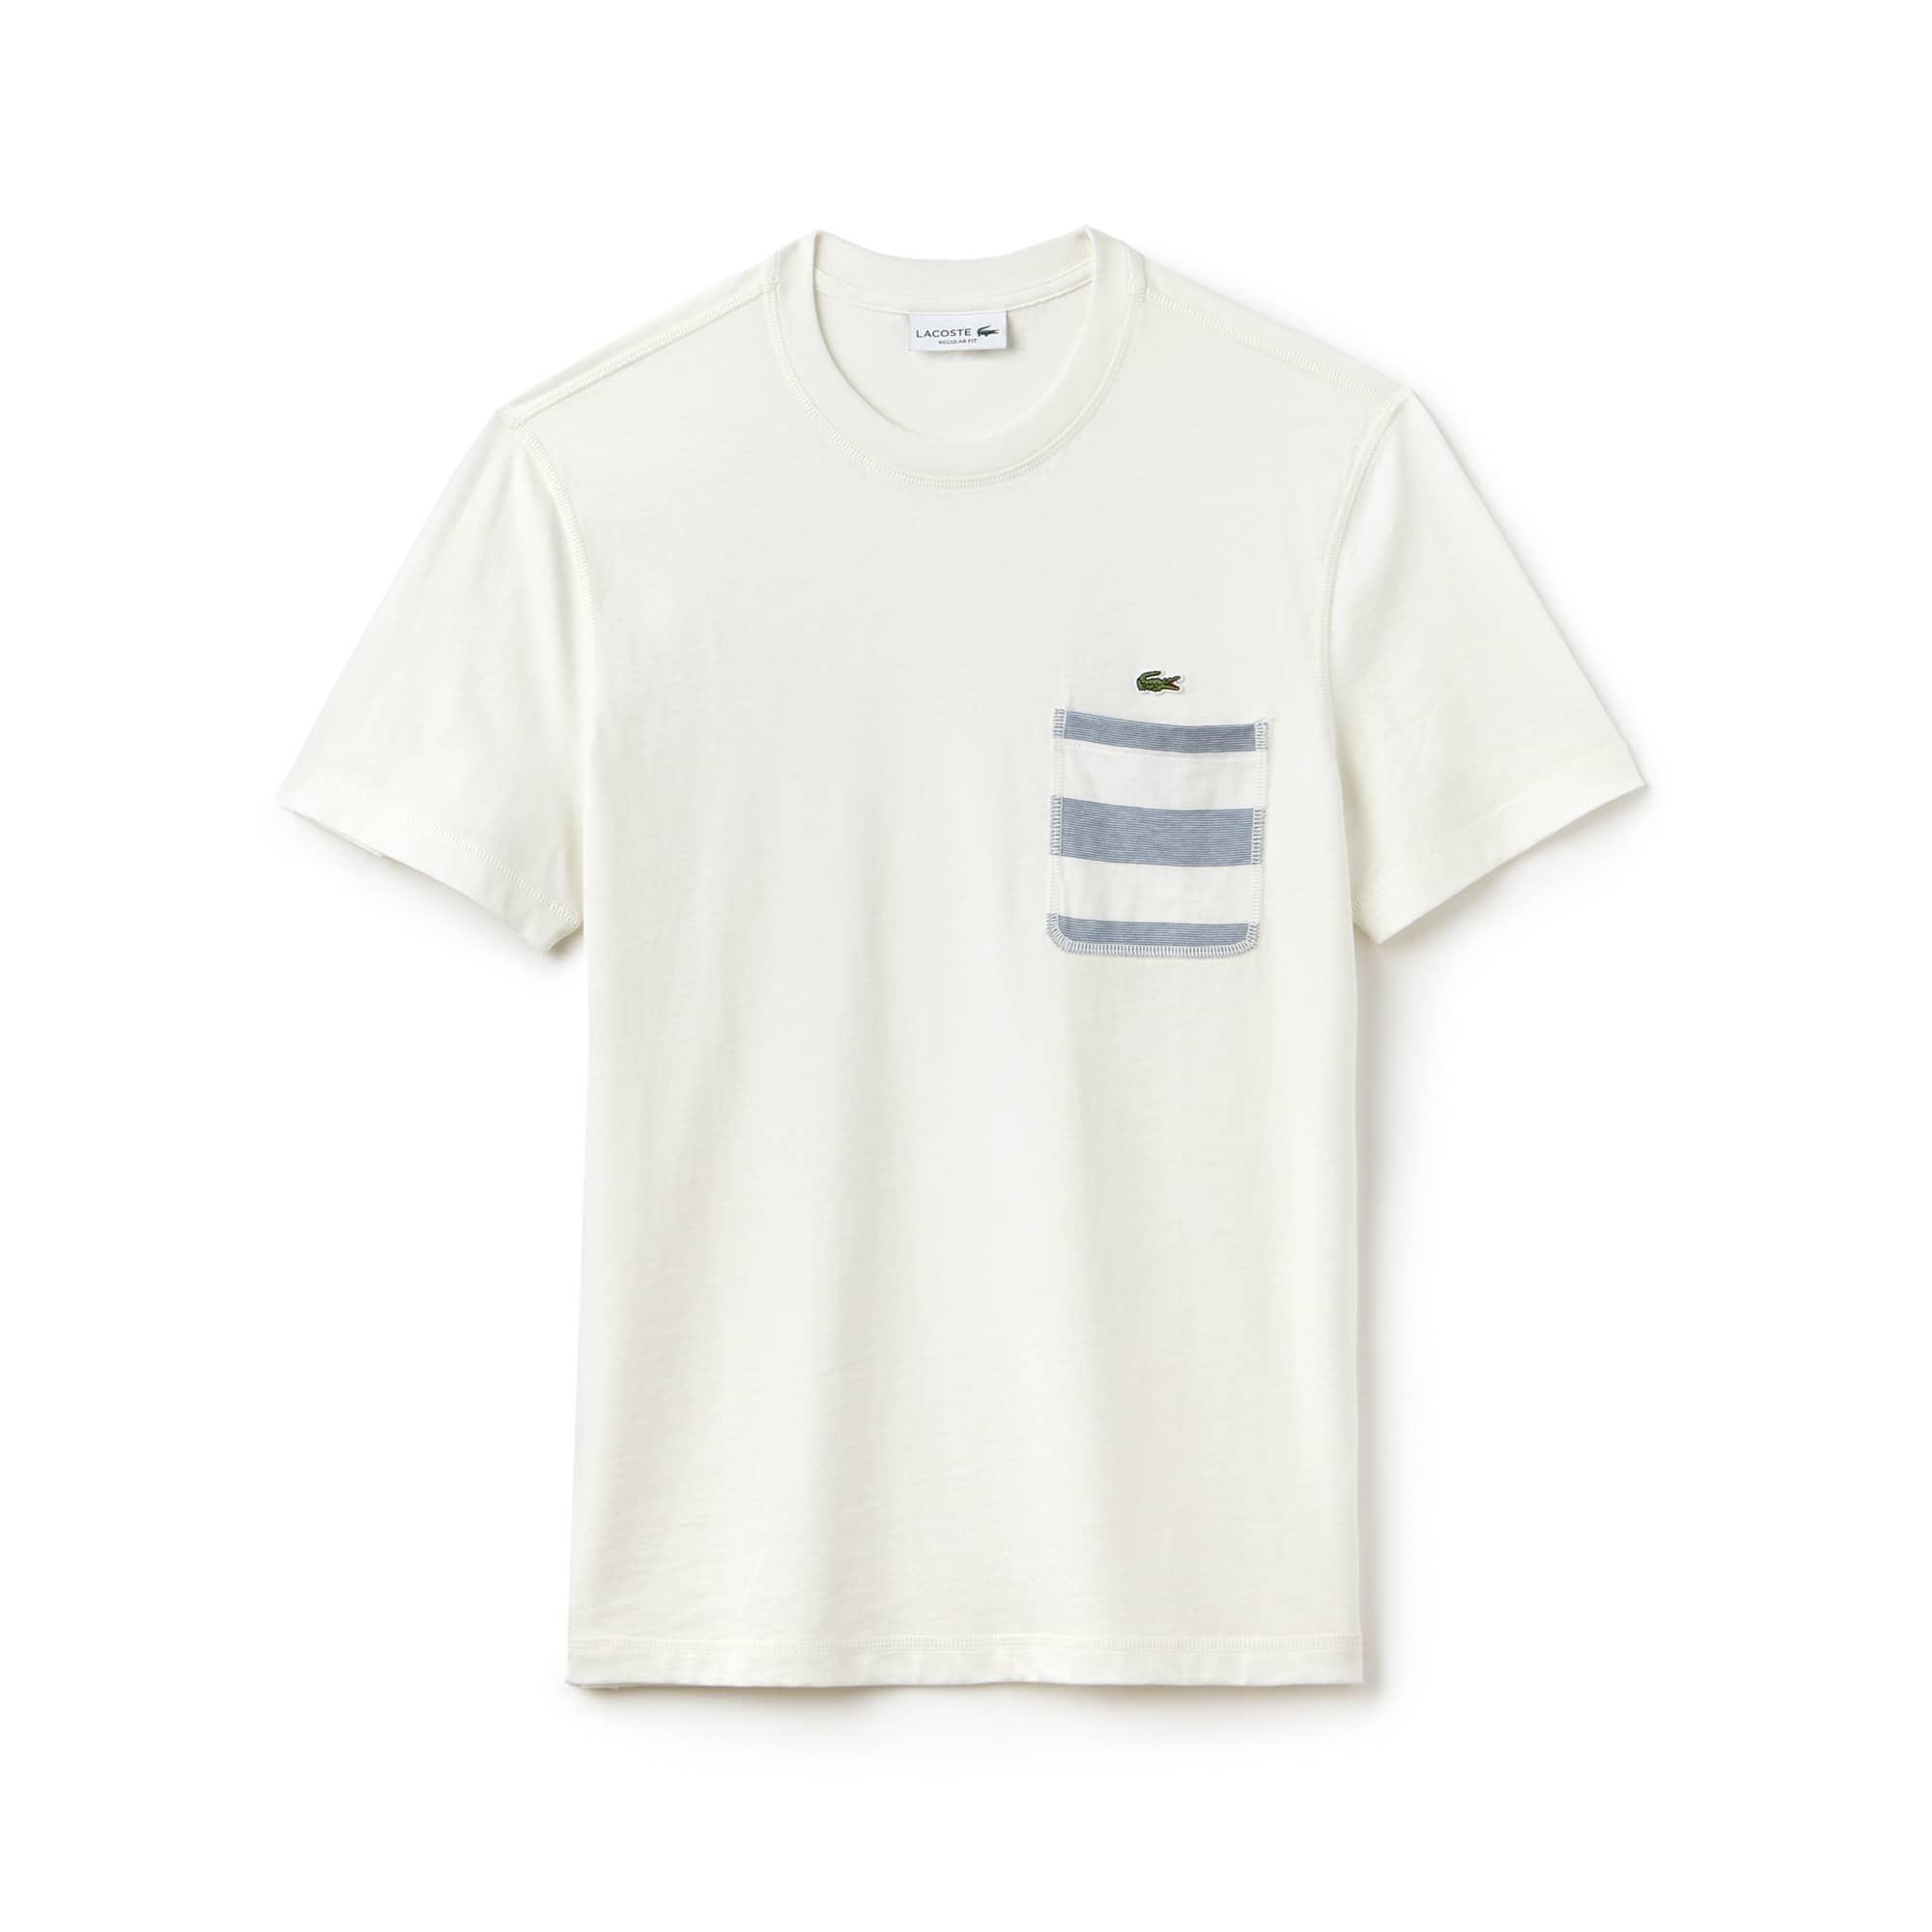 Tee Shirt Poche Basic NoirClassic Series Prix Le Moins Cher Pas Cher En Ligne Coût De Sortie pFKsjtMWS